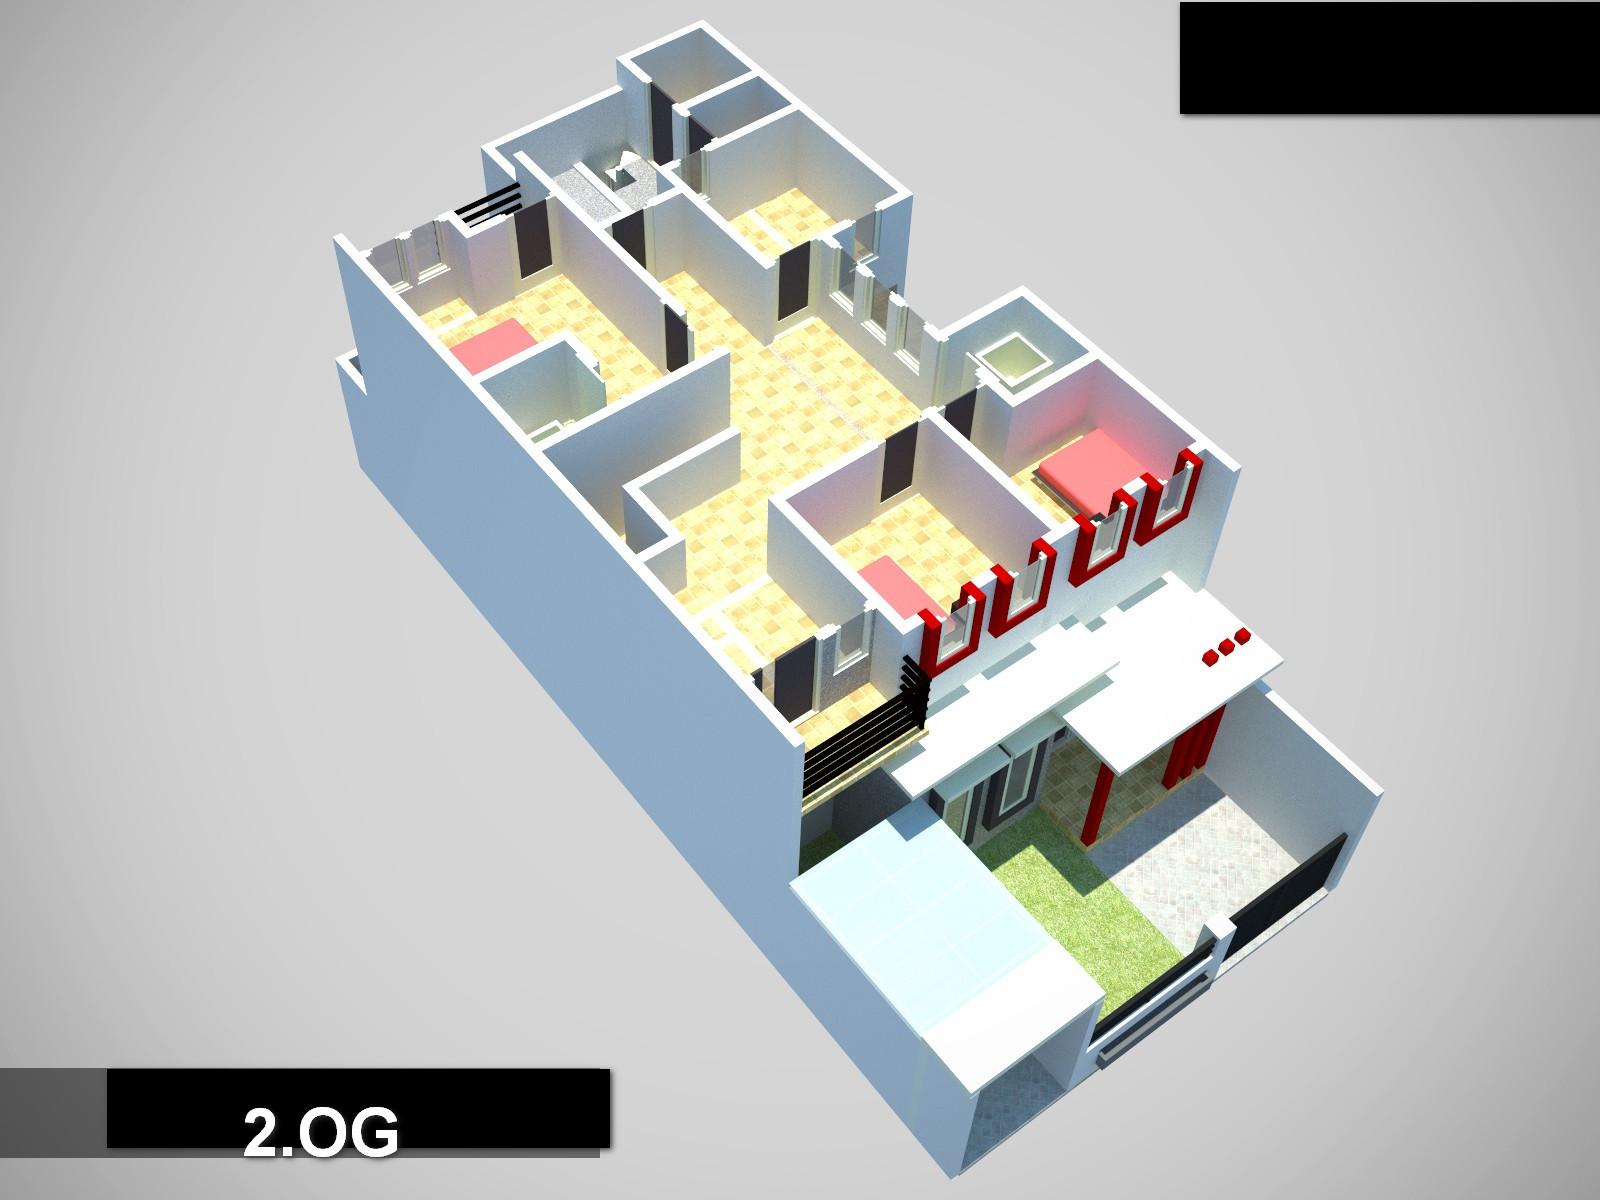 Das bild oben ist der grundriss des hauses die top 2 etagen minimalistisch oder